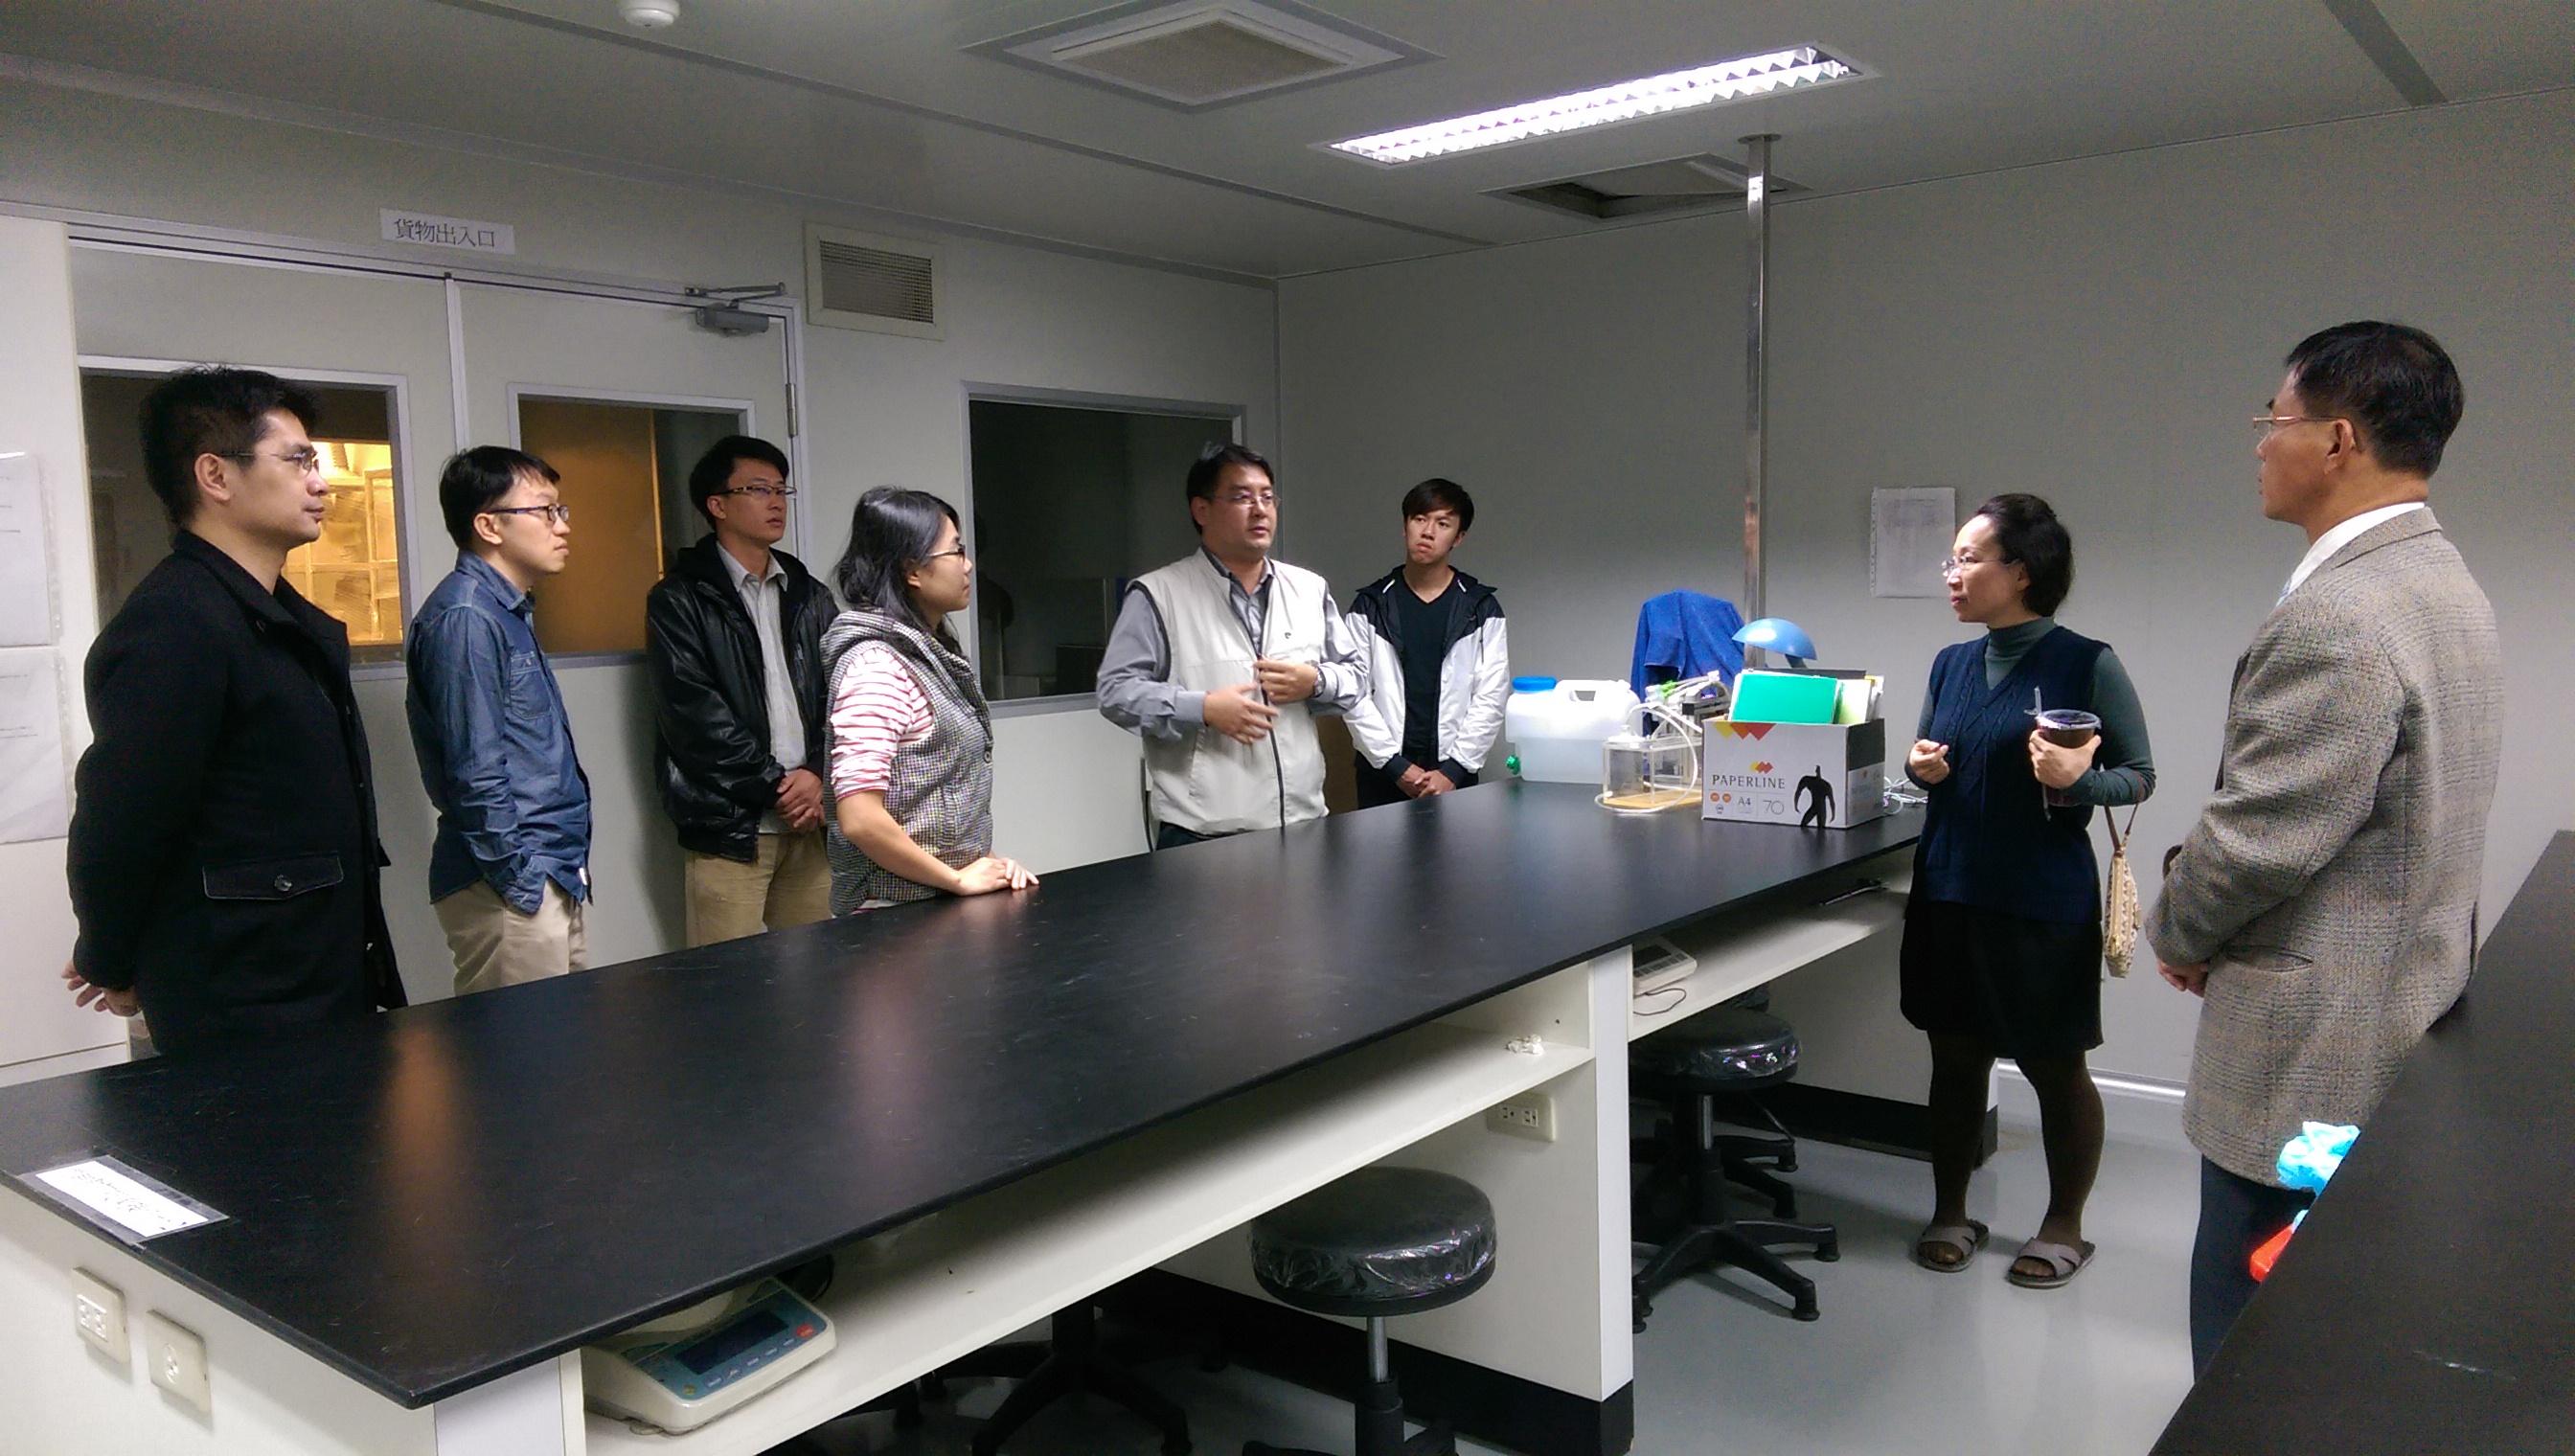 104年12月7日實驗動物操作技術實習教室使用說明會